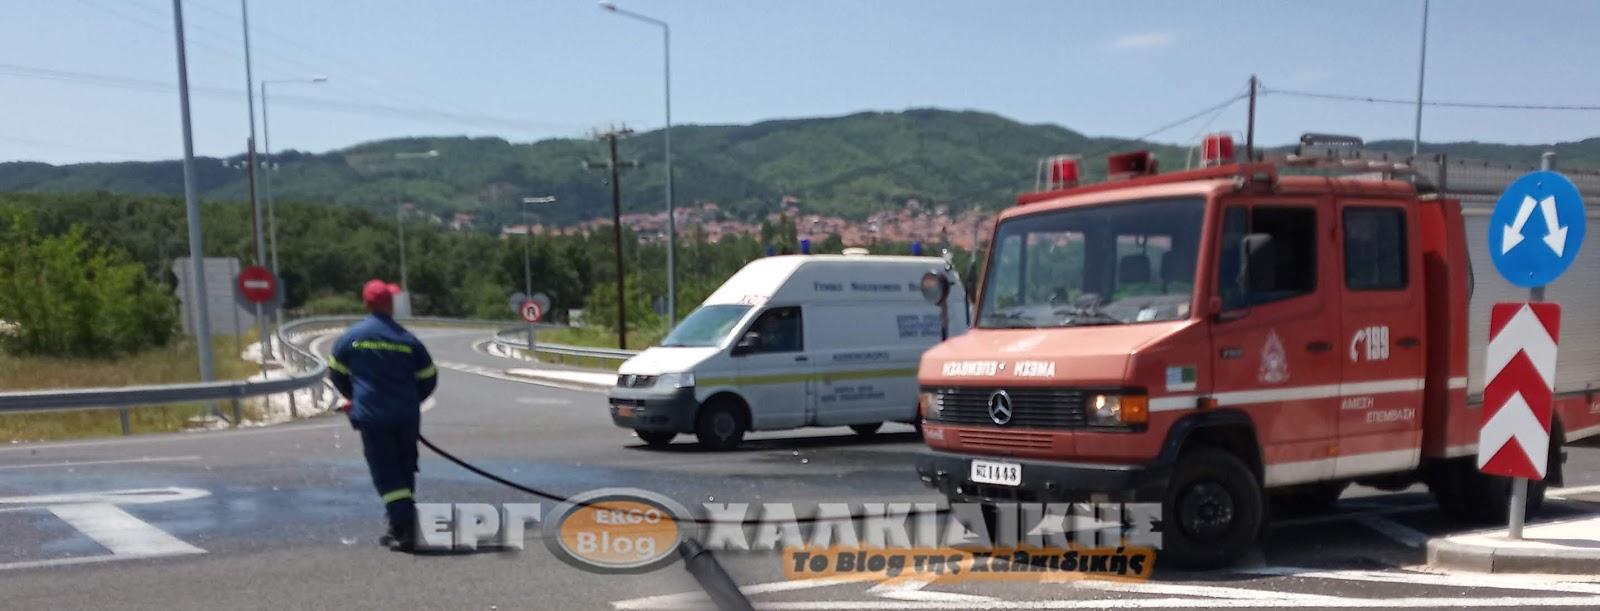 Προσοχή στους δρόμους - Ᾱκόμη ένα τροχαίο στον περιφερειακό της Αρναίας